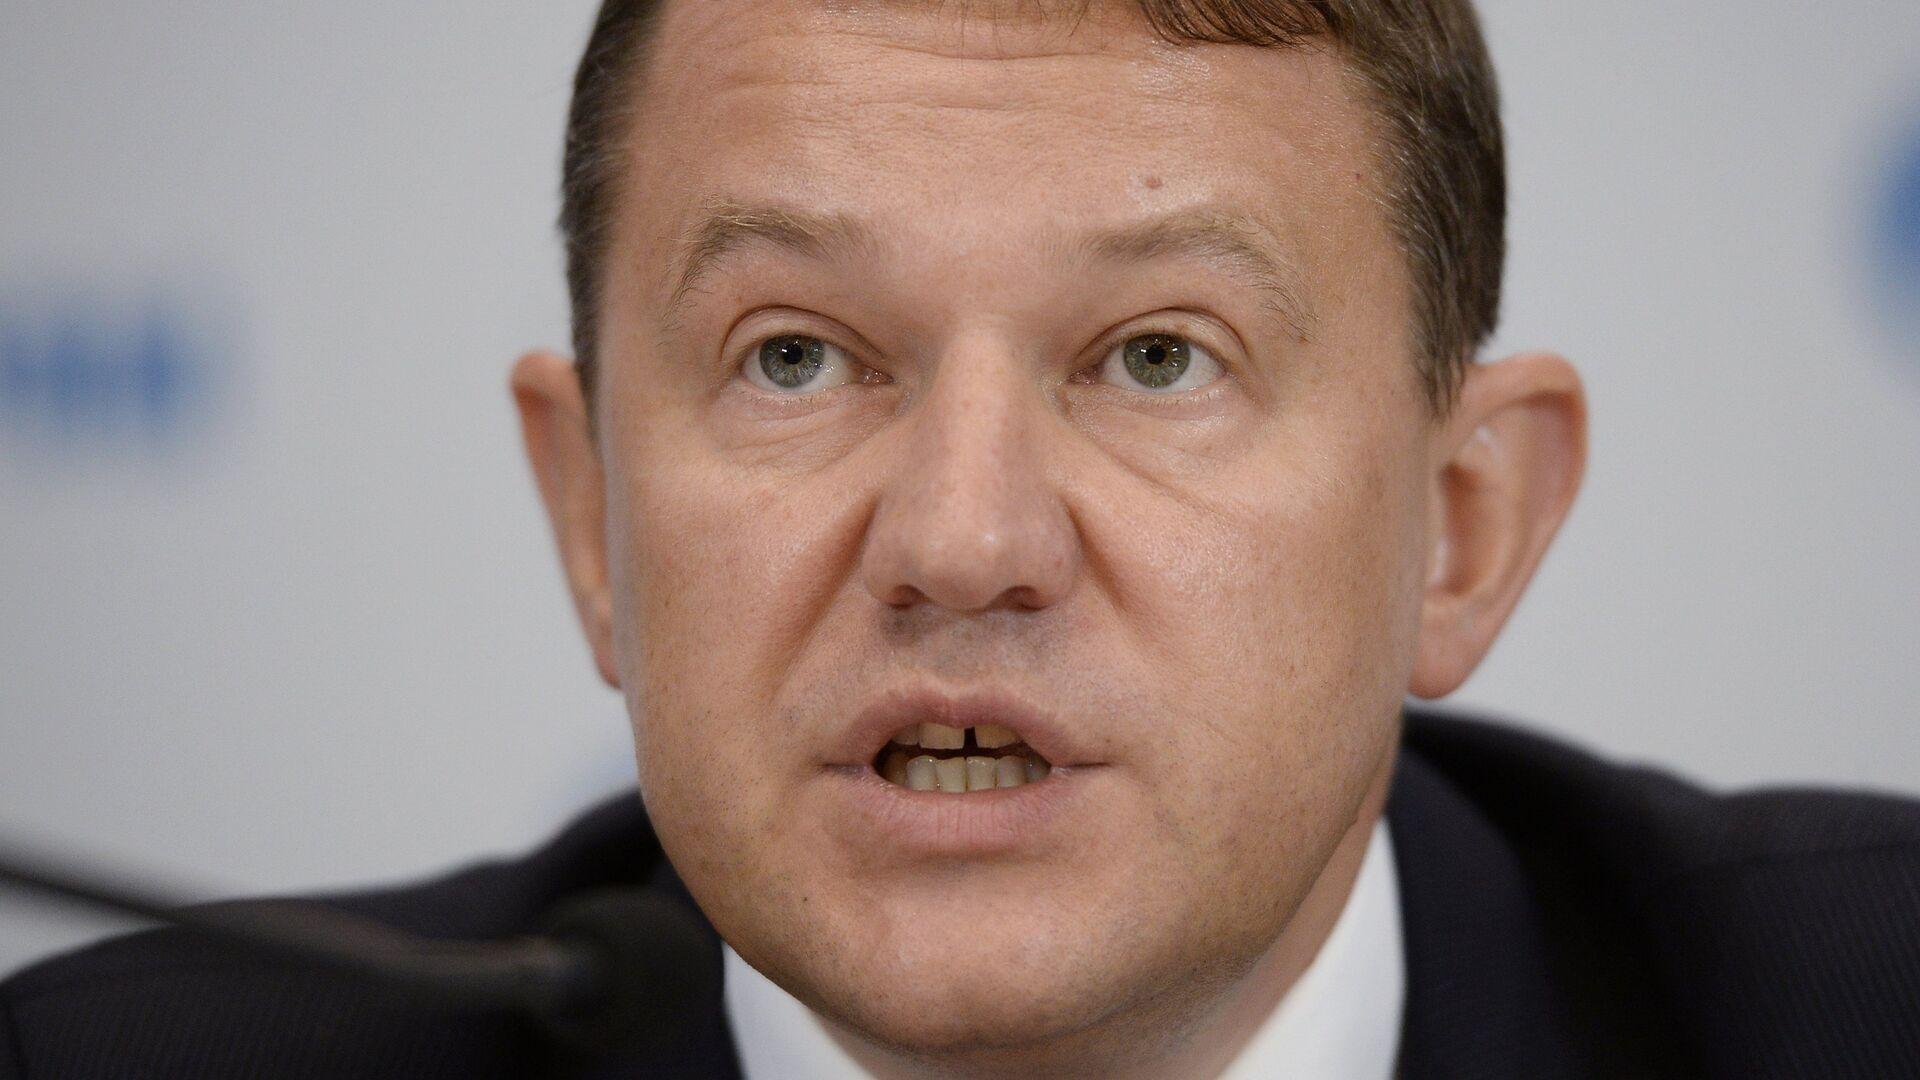 Пресс-конференция Газпром Финансово-экономическая политика ОАО Газпром - РИА Новости, 1920, 15.02.2021